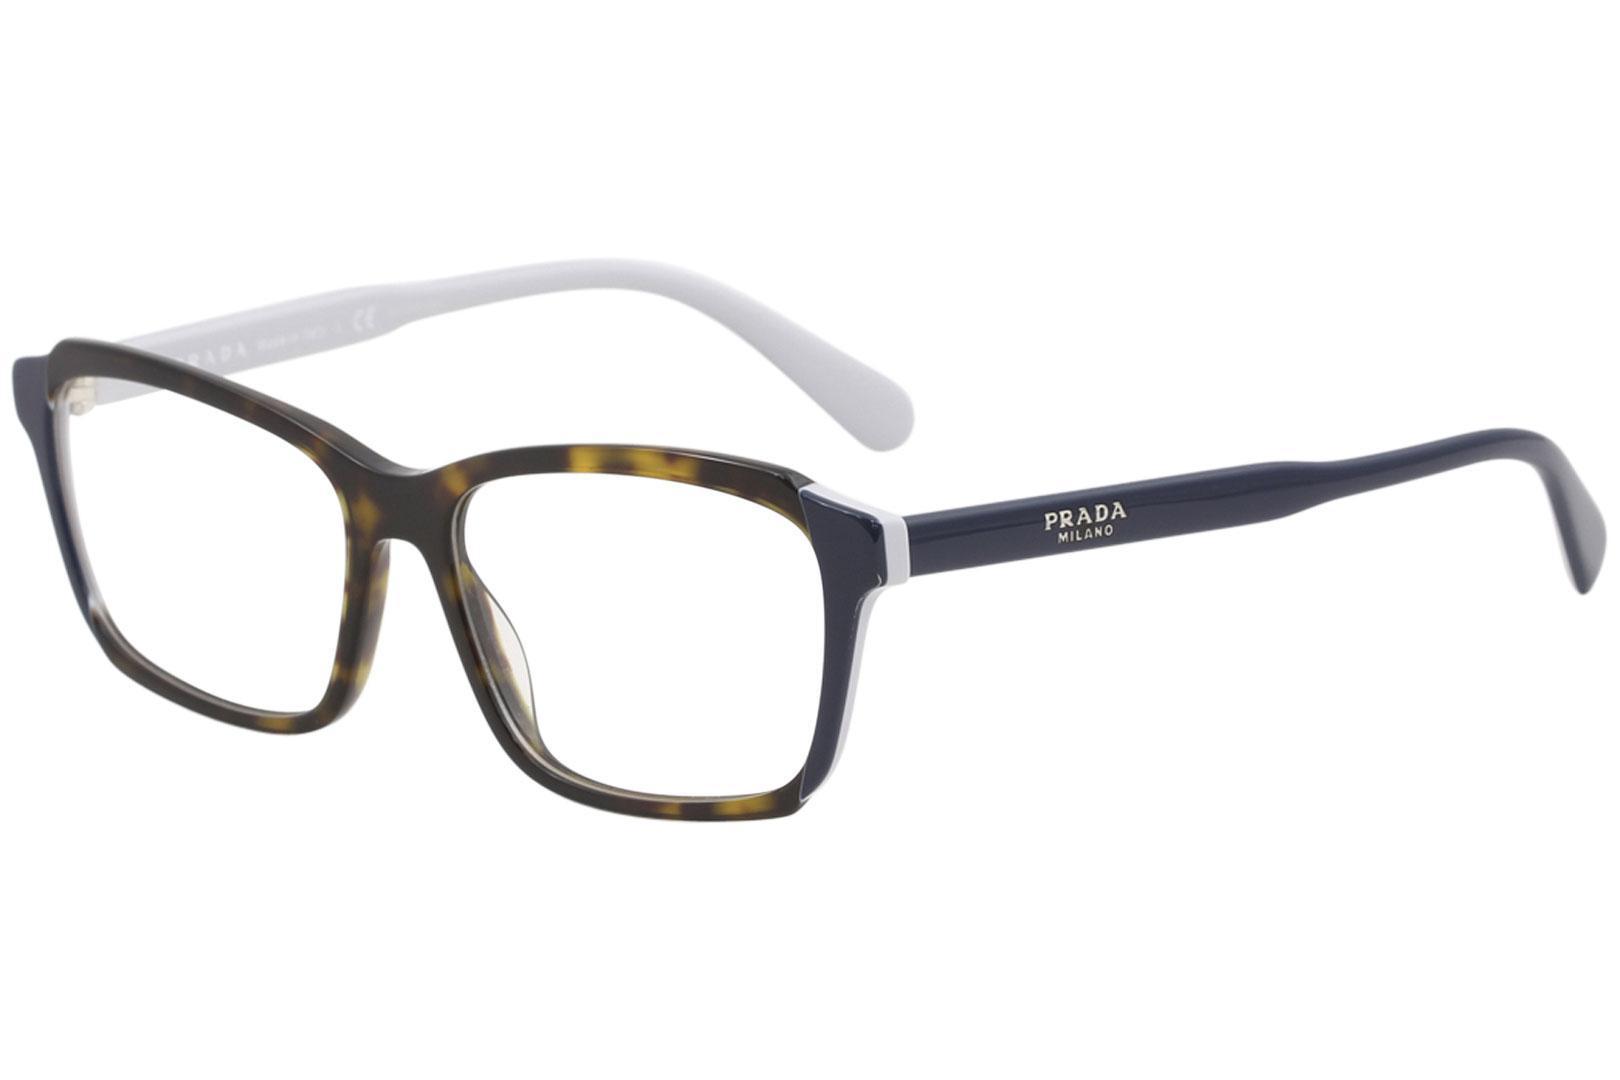 Prada Women\'s Eyeglasses VPR01V VPR/01/V Full Rim Optical Frame